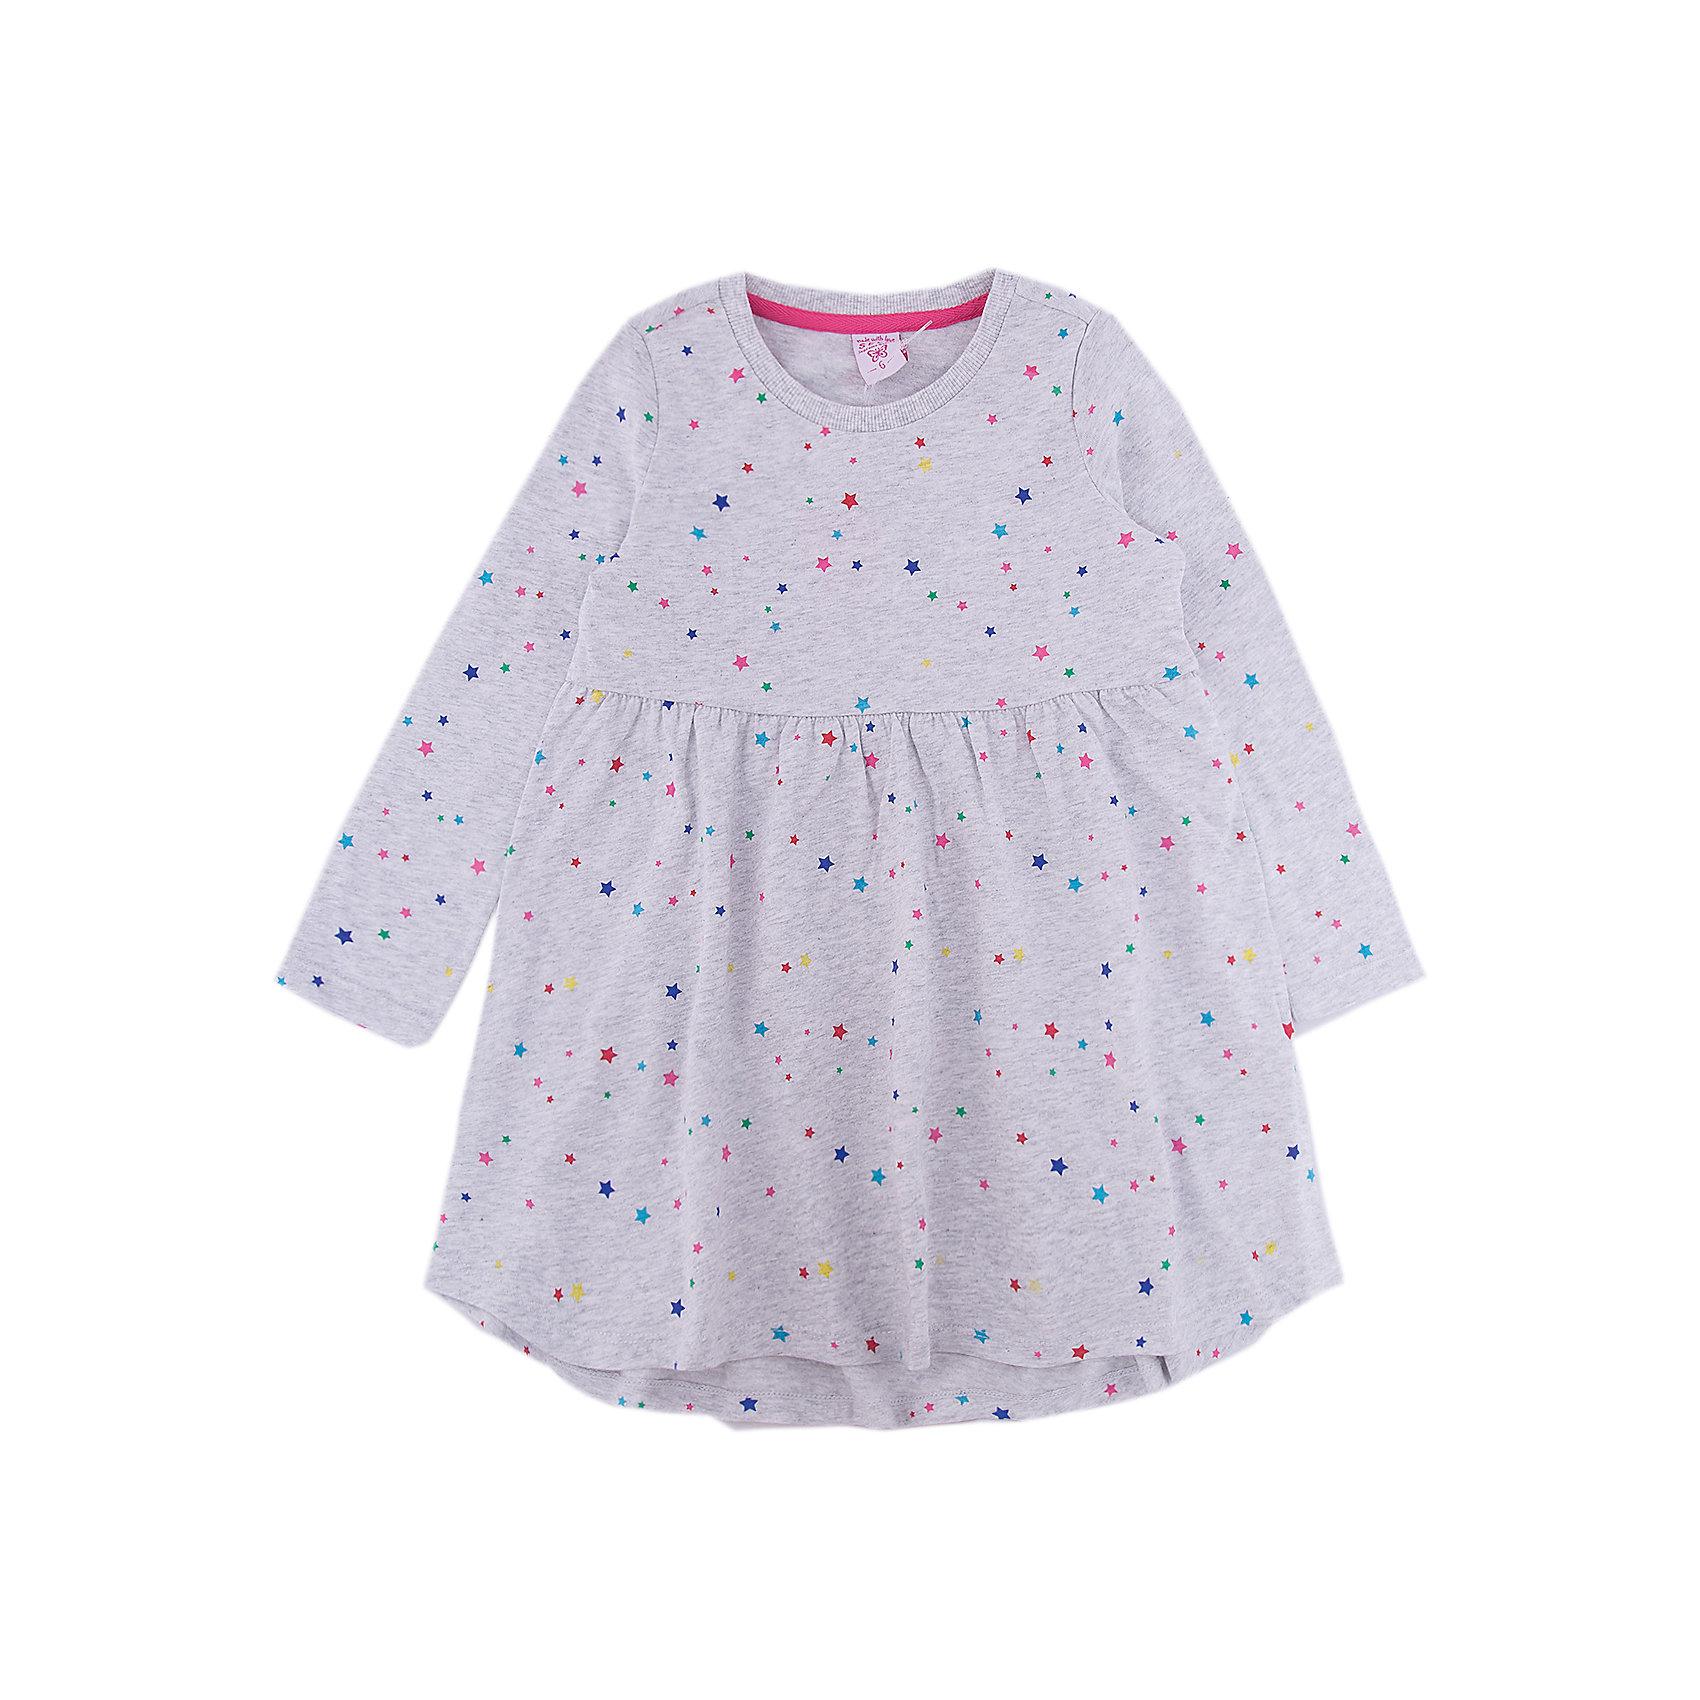 Платье SELA для девочкиПлатья и сарафаны<br>Характеристики товара:<br><br>• цвет: серый<br>• состав ткани: 100% хлопок<br>• сезон: демисезон<br>• длинные рукава<br>• страна бренда: Россия<br>• страна производства: Китай<br><br>Это платье для девочки отличается удлиненным сзади подолом. Принтованная дышащая ткань детского платья - качественный натуральный хлопок. Серое платье для девочки от Sela - стильная молодежная вещь по доступной цене. <br><br>Платье для девочки Sela (Села) можно купить в нашем интернет- магазине.<br><br>Ширина мм: 236<br>Глубина мм: 16<br>Высота мм: 184<br>Вес г: 177<br>Цвет: серый<br>Возраст от месяцев: 60<br>Возраст до месяцев: 72<br>Пол: Женский<br>Возраст: Детский<br>Размер: 92,98,104,110,116<br>SKU: 7136706